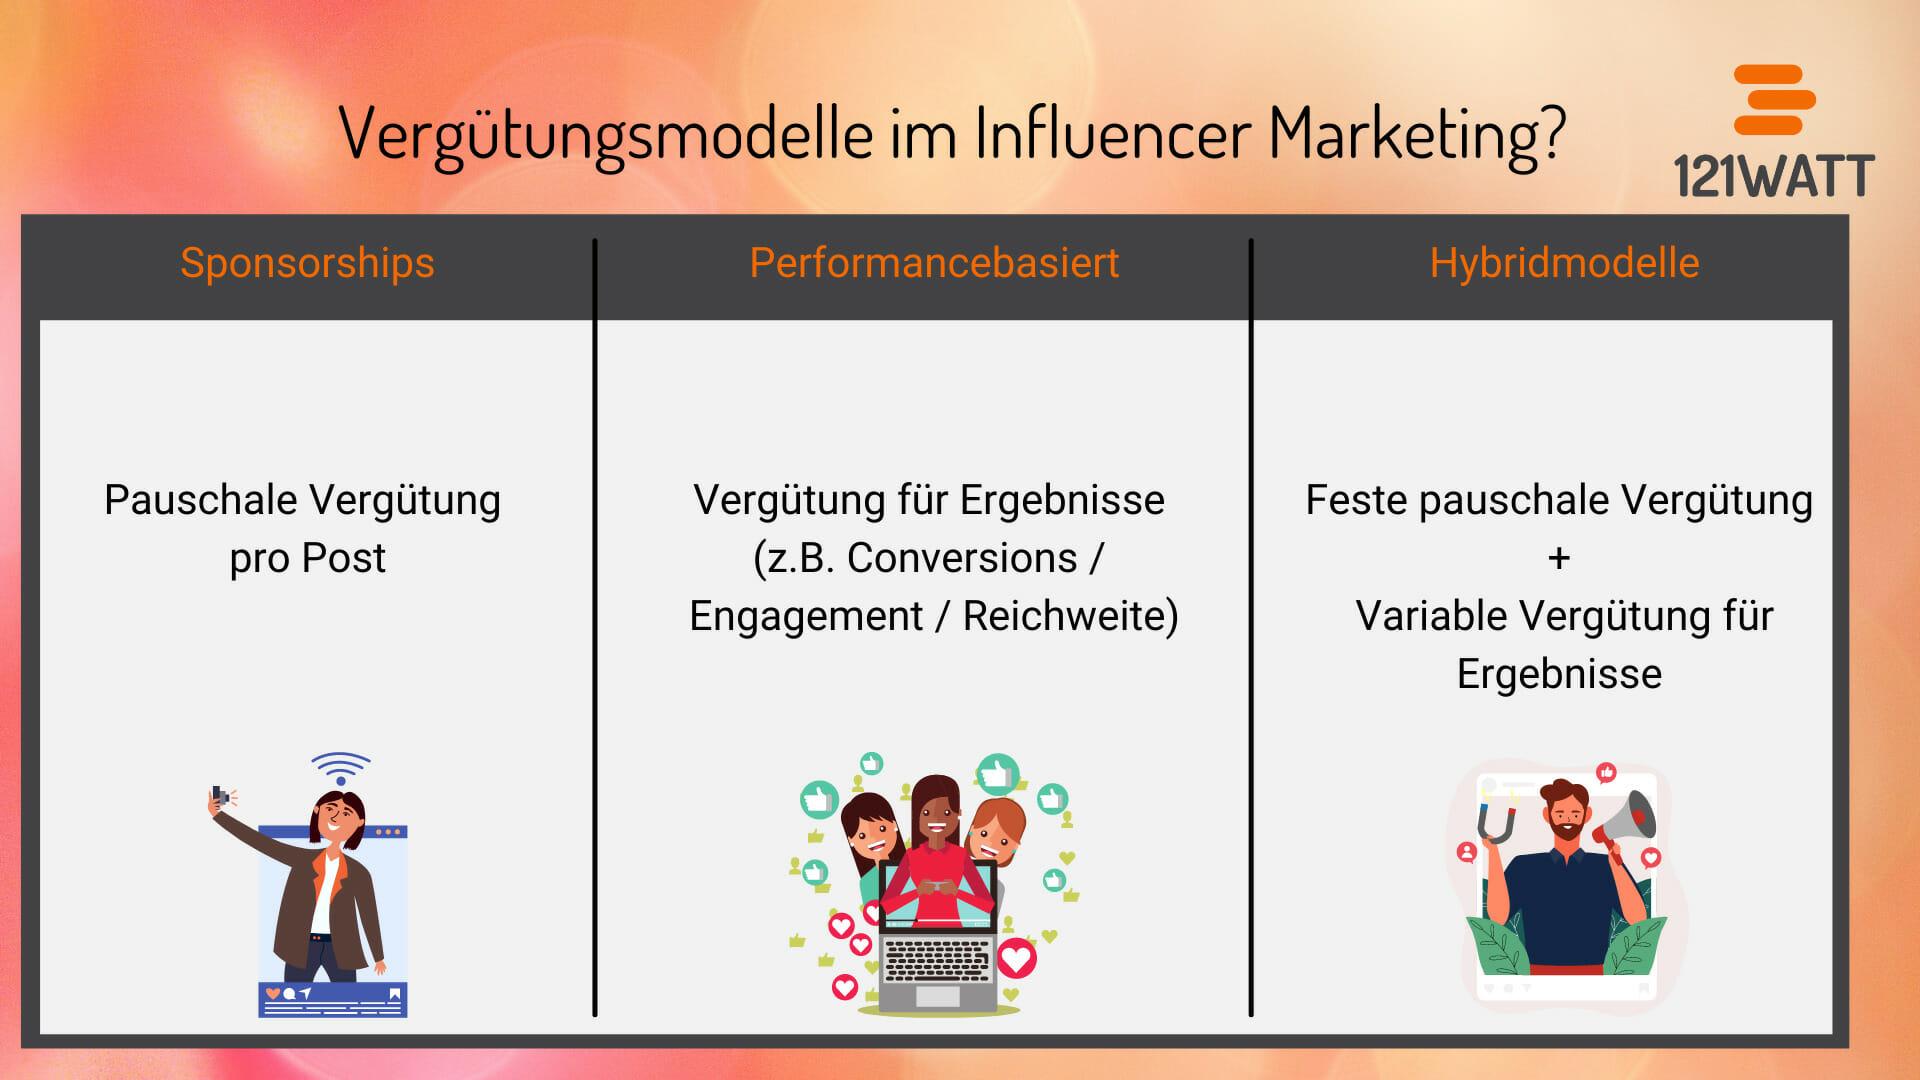 Wie werden Influencer bezahlt? Vergütungsmodelle im Influencer Marketing in der Übersicht